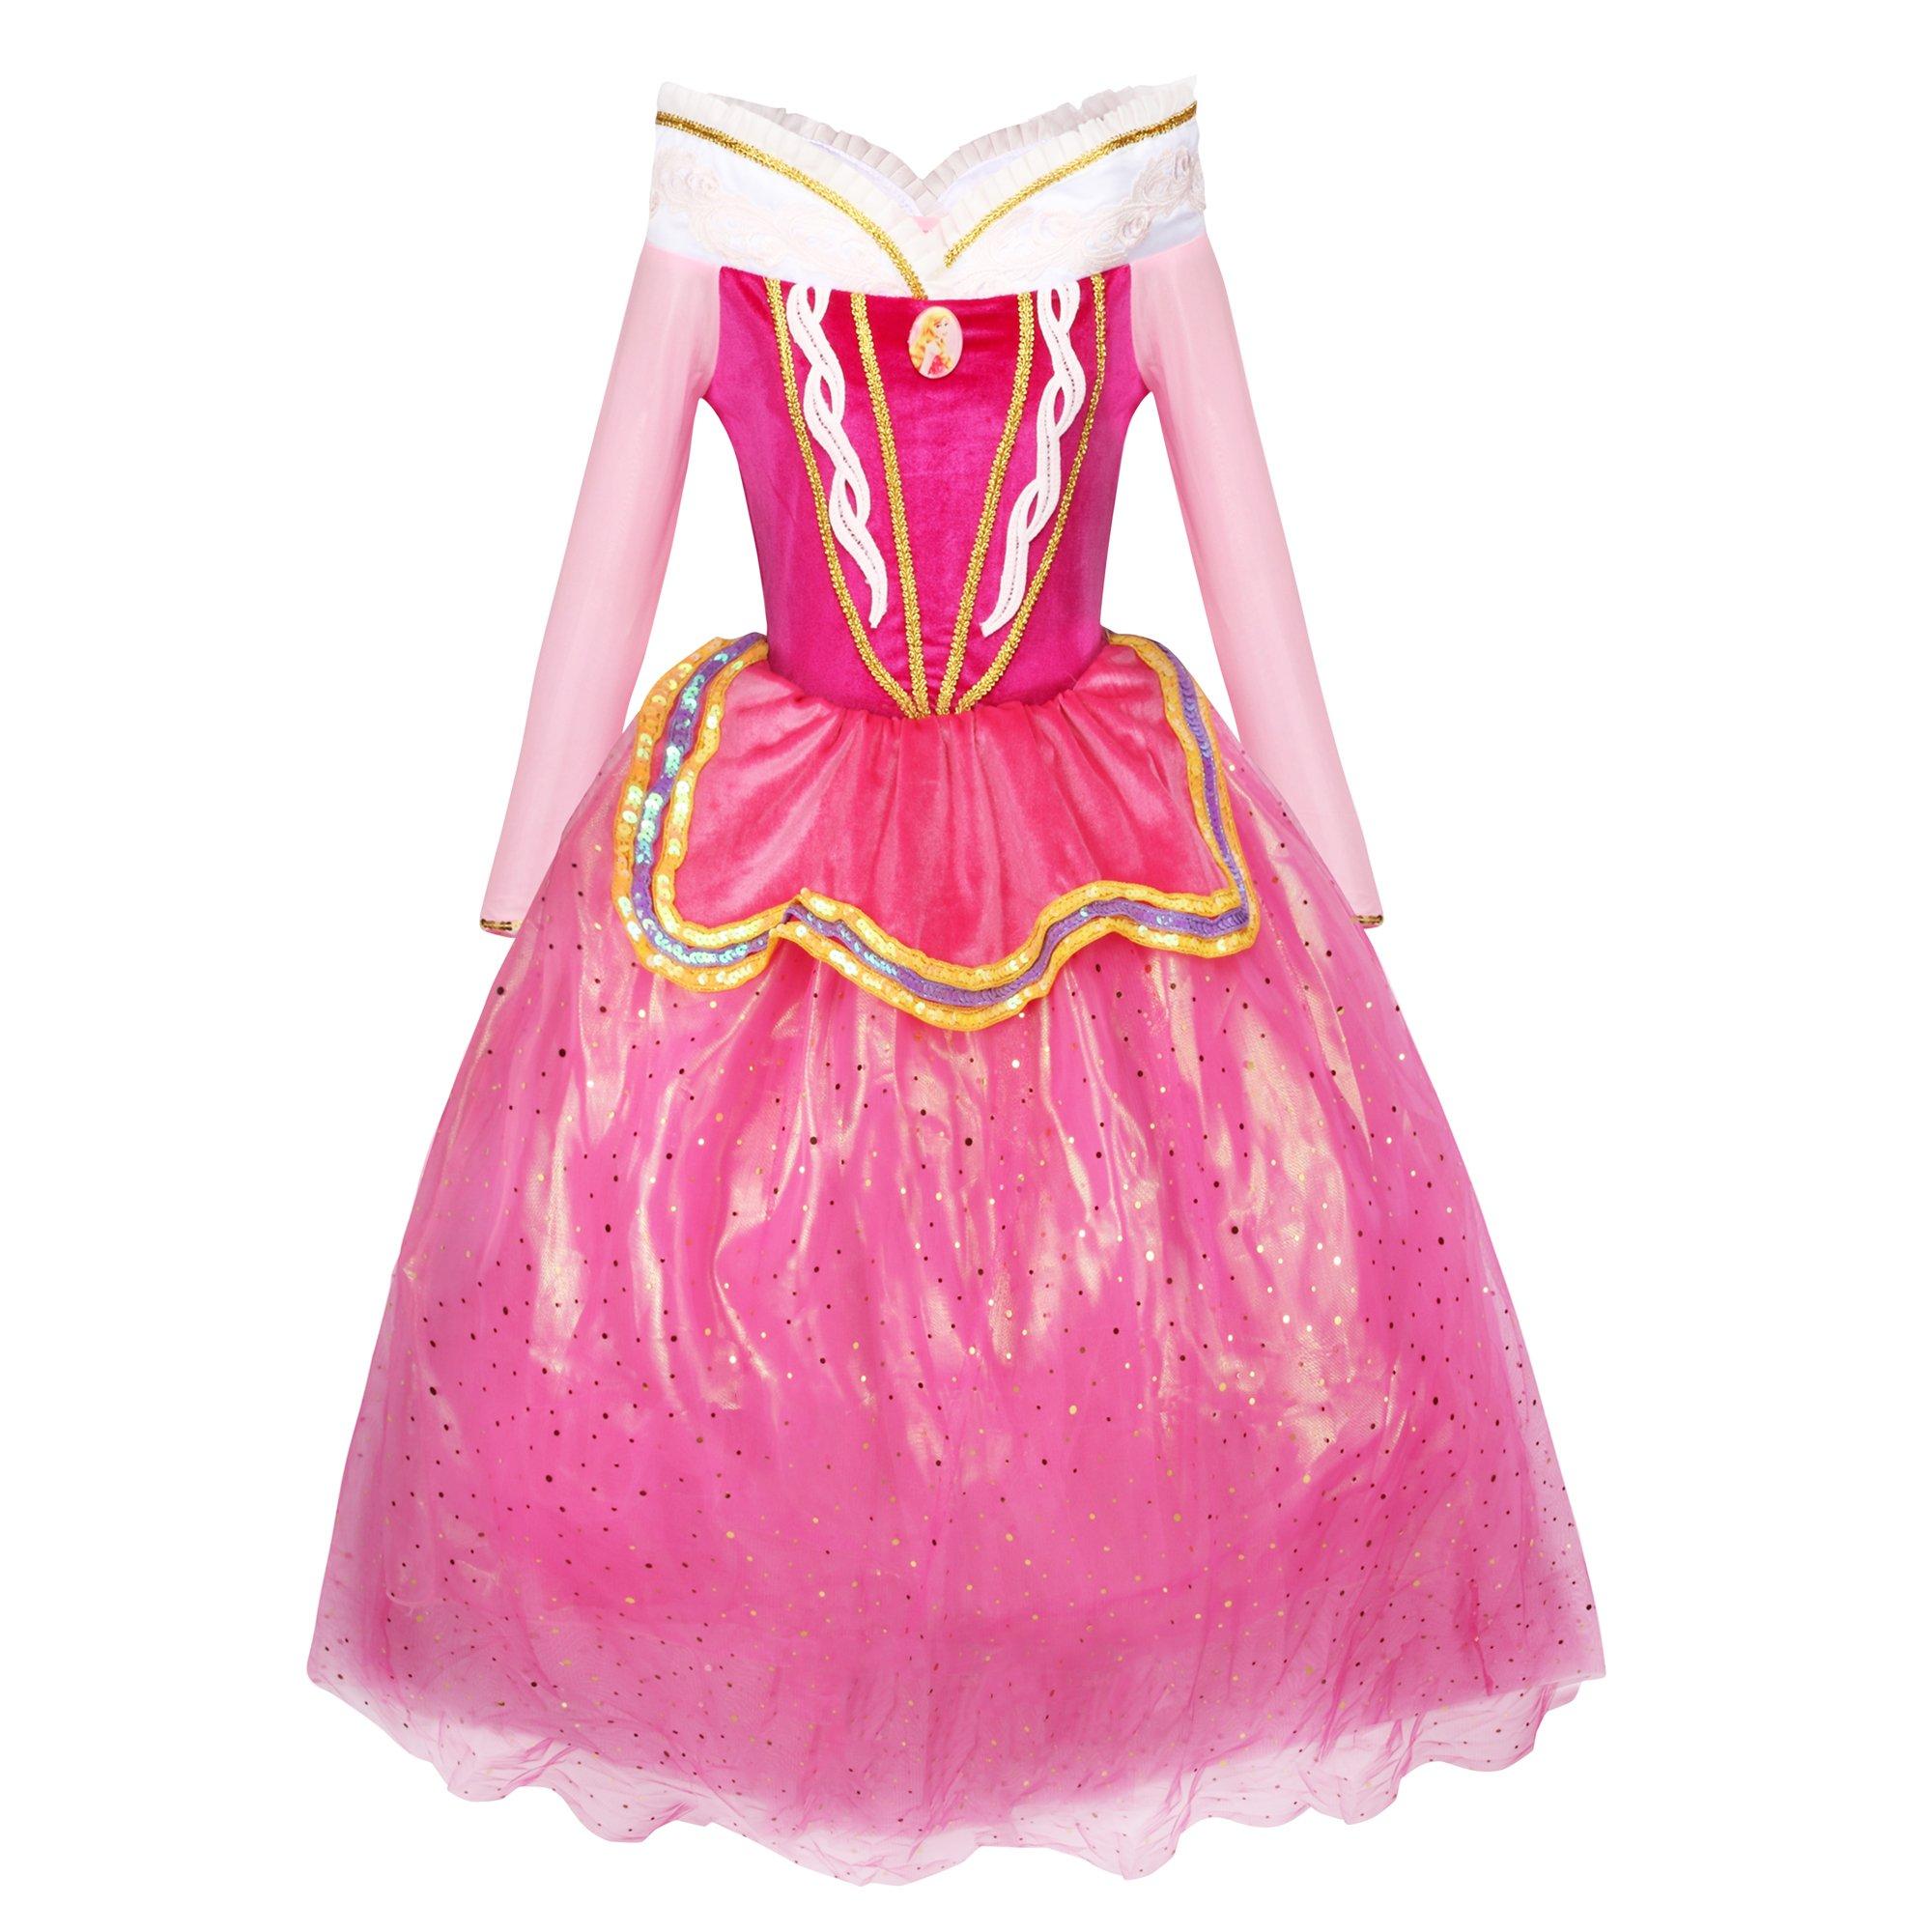 Katara 1742 - Robe de La Belle au Bois Dormant Costume d'Aurore, Robe Rose en Tulle Déguisement pour Filles DE 6-7 Ans product image